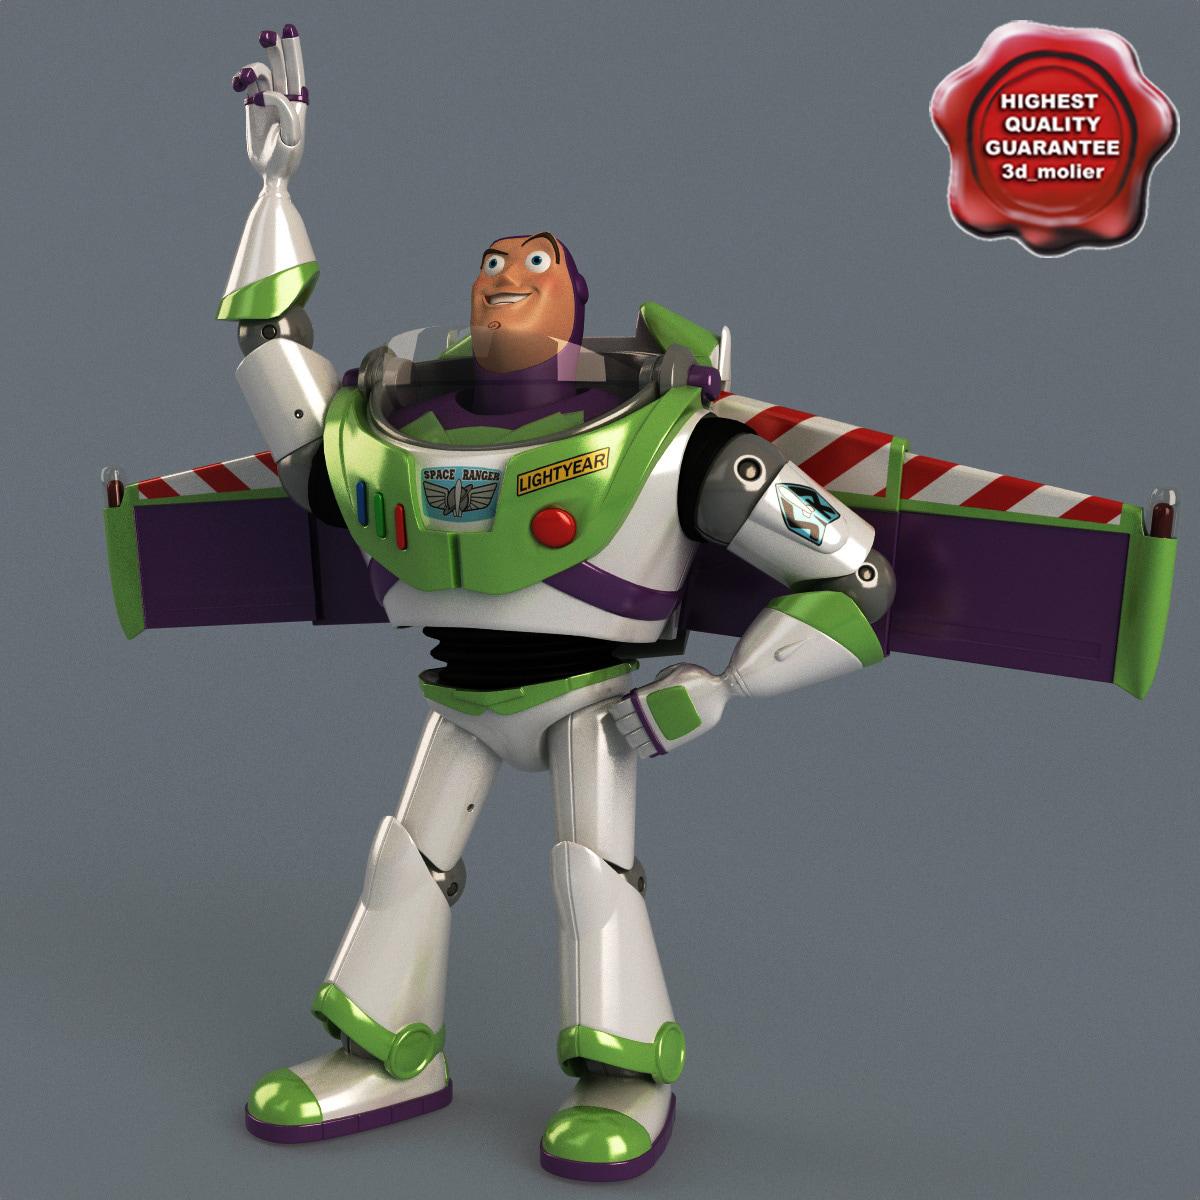 Buzz_Lightyear_Pose3_00.jpg